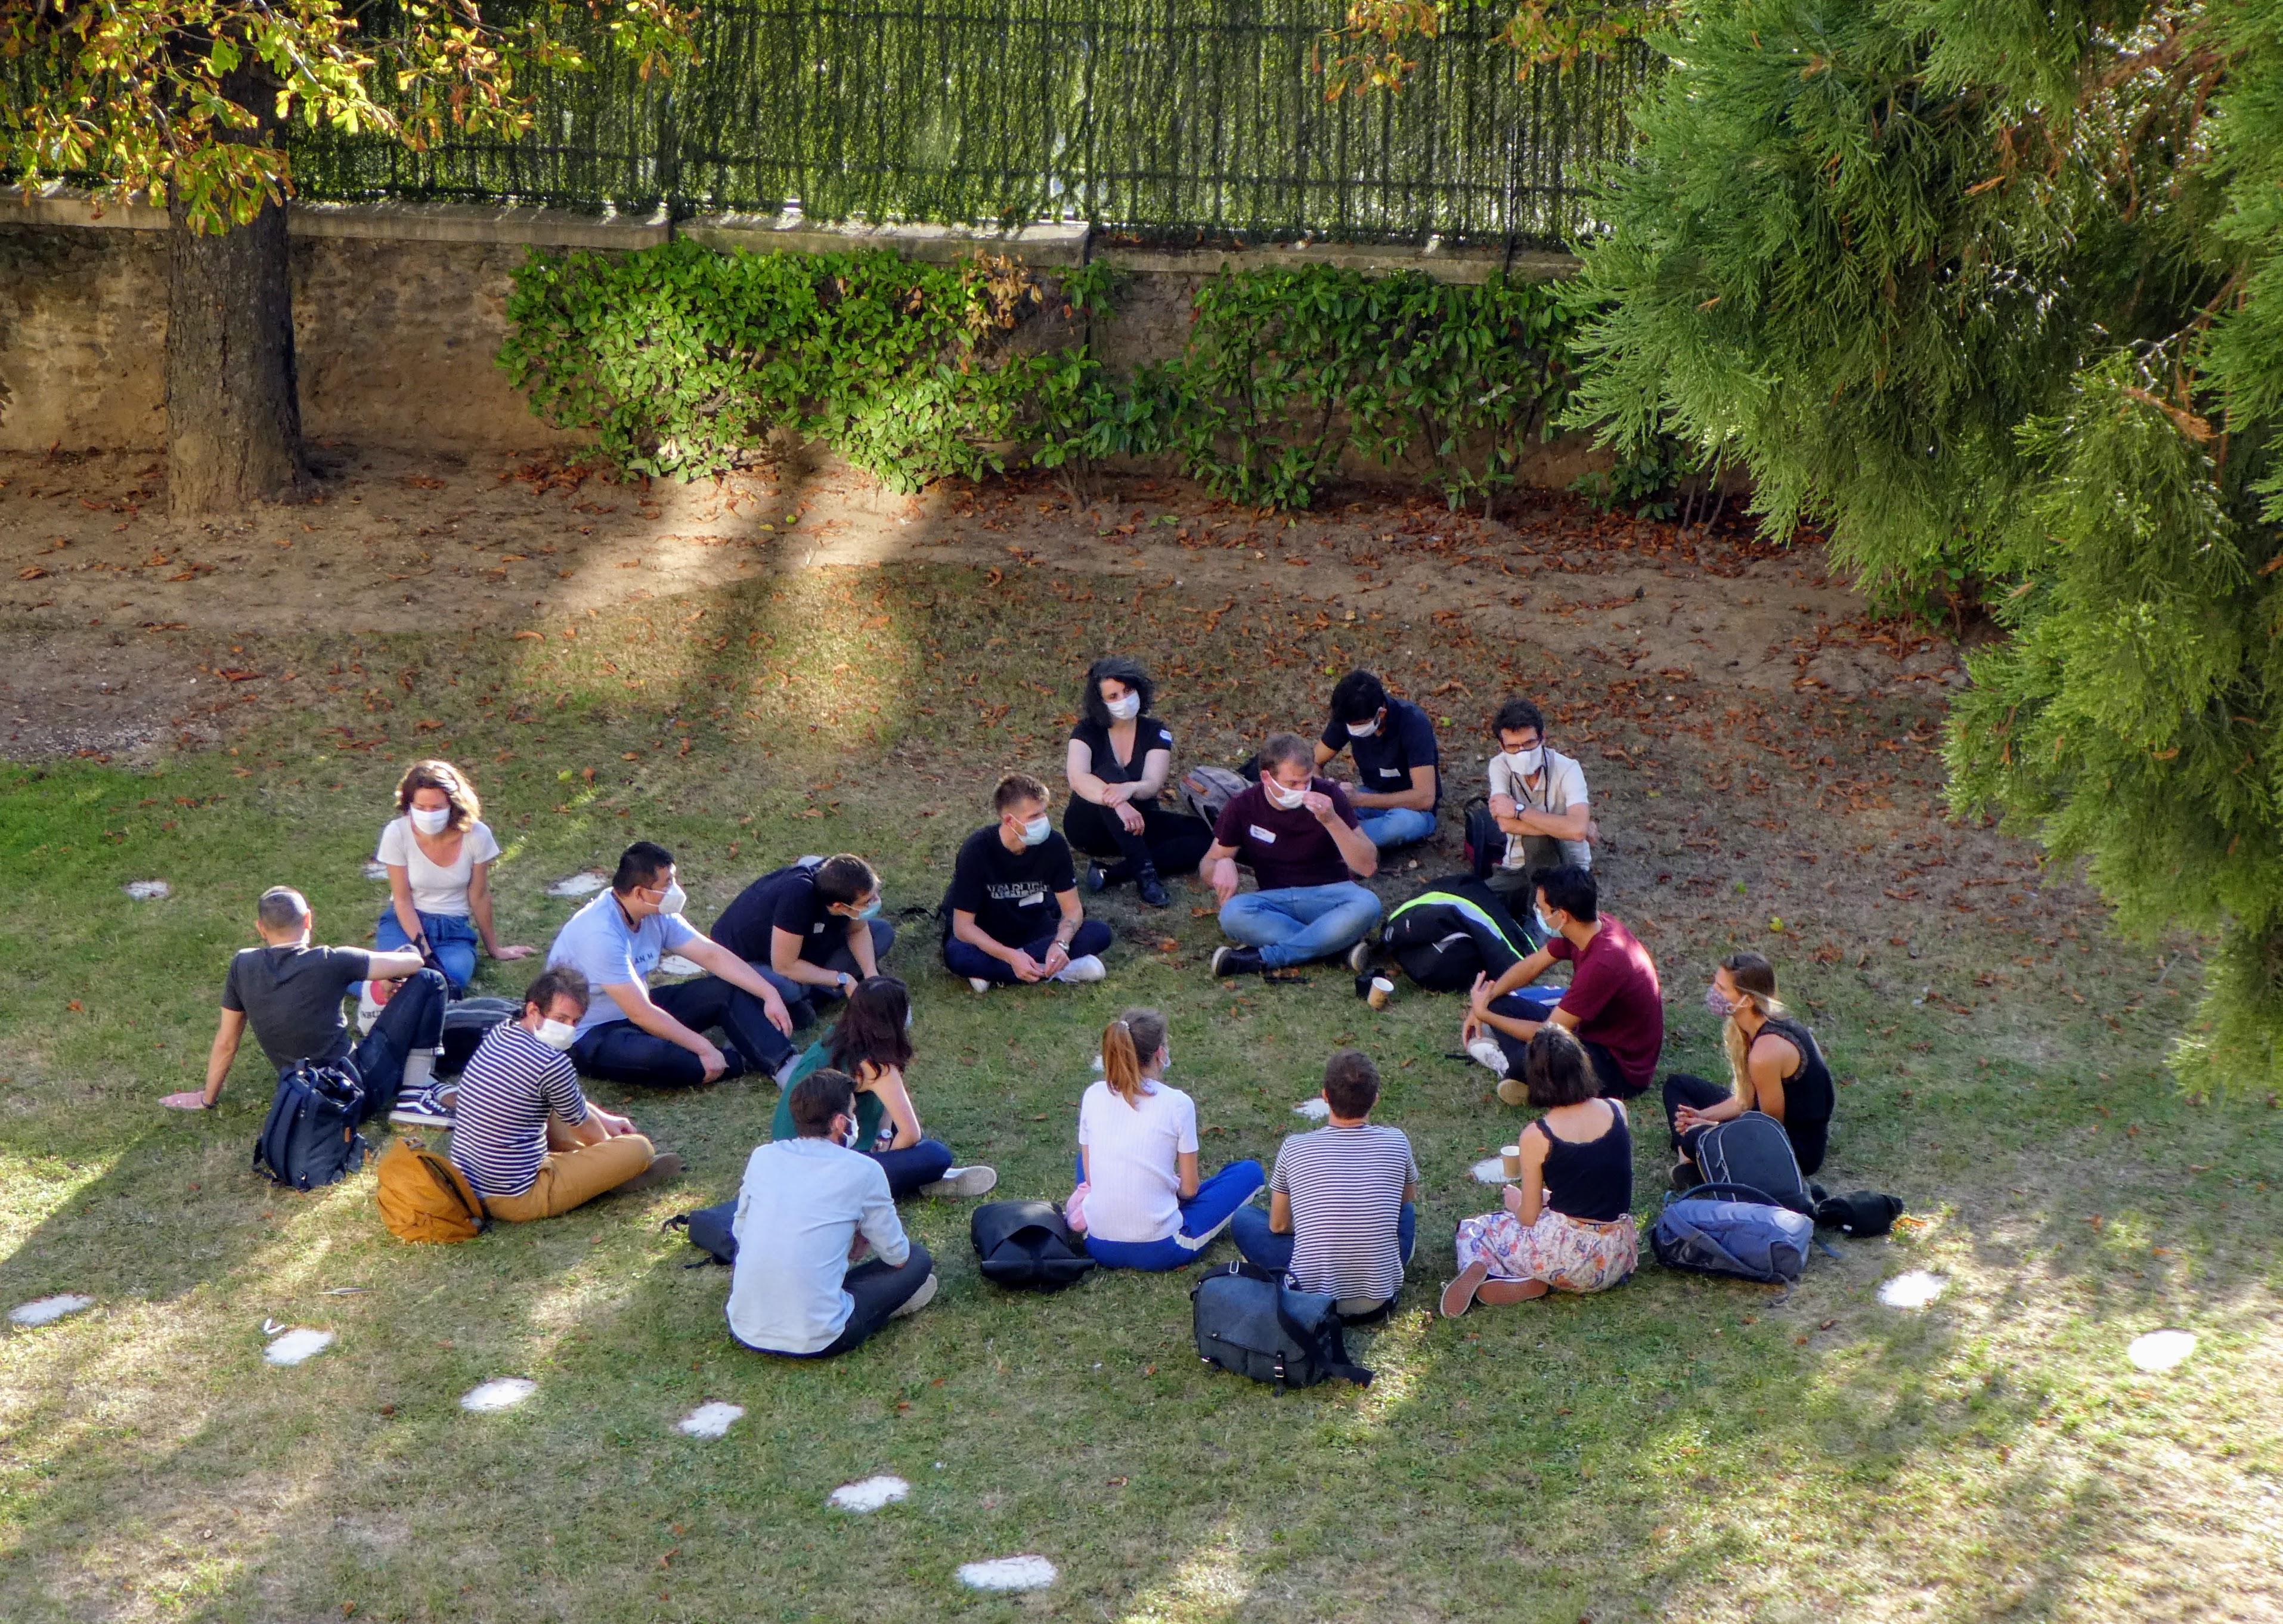 Une vingtaine de personnes sont assises dans l'herbe, en cercle. Elles échangent